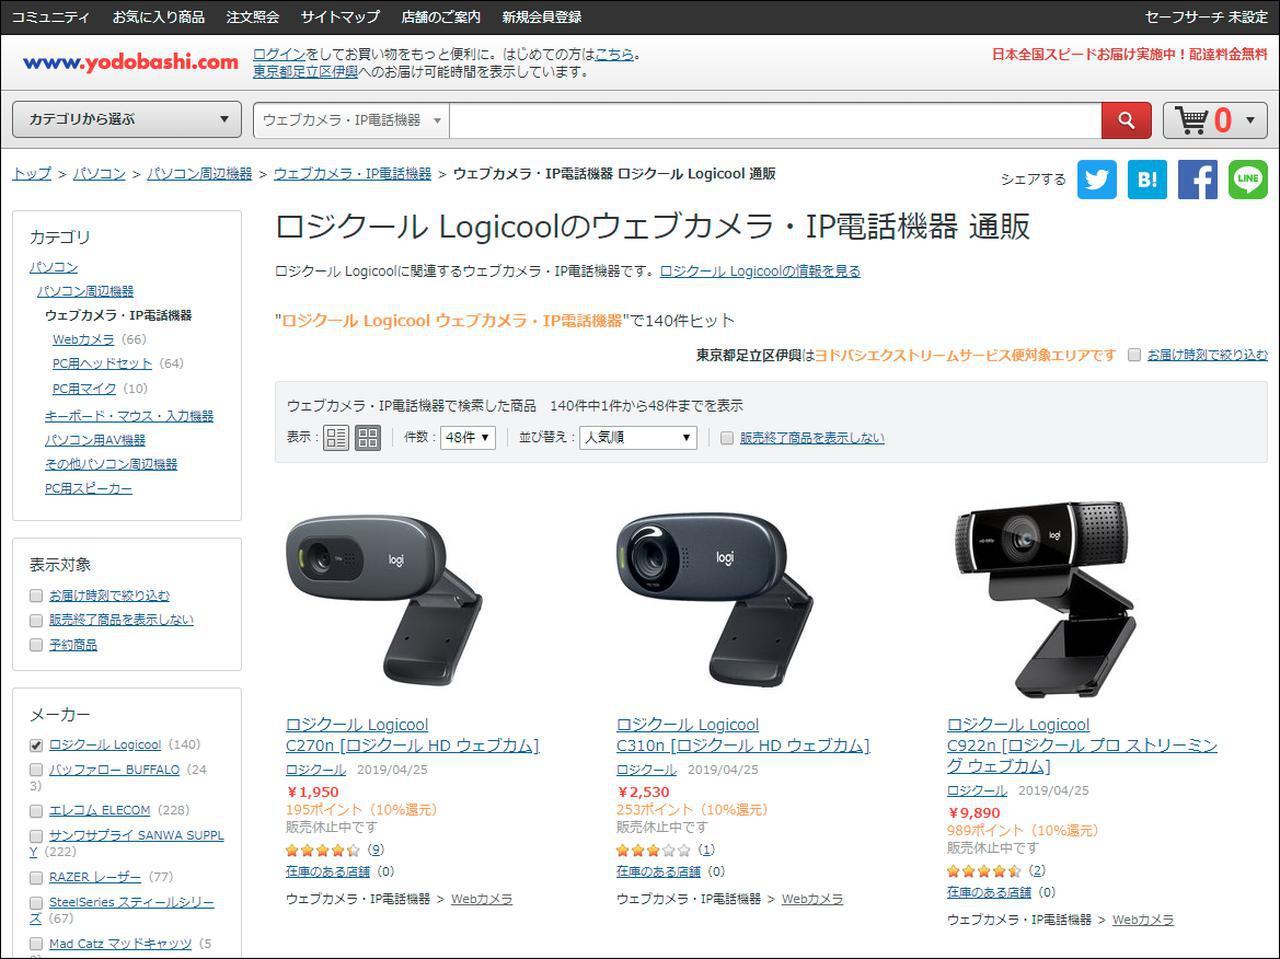 画像: 大手通販サイト「ヨドバシ・ドット・コム」でもWebカメラはほぼ品切れ。数ヵ月前は予想だにしなかった事態だ。